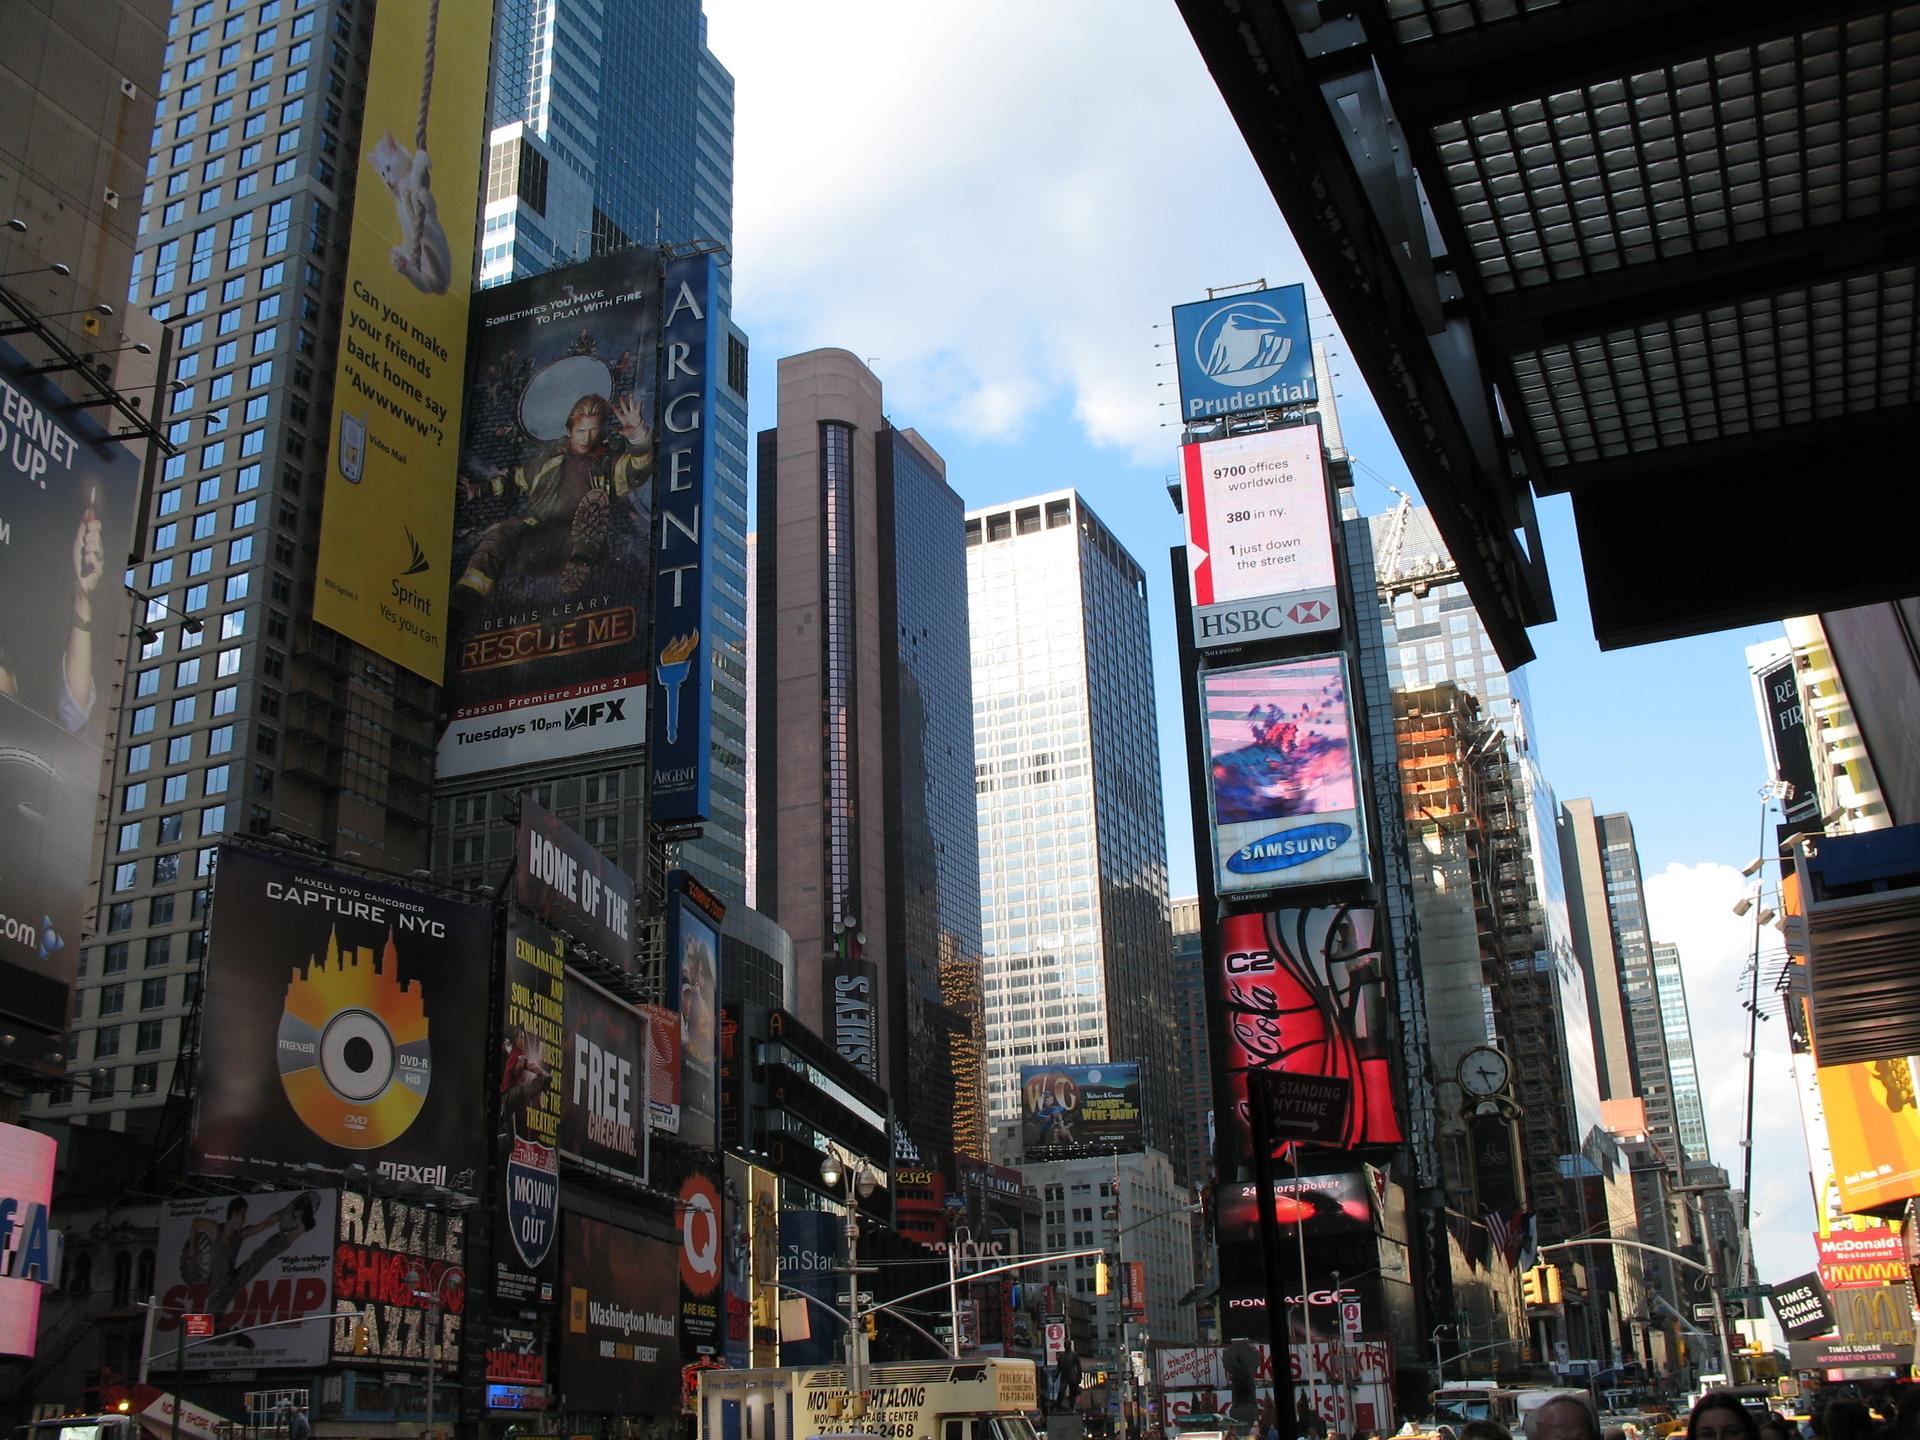 Ontdek in 2017 de Nederlandse kanten van New York!